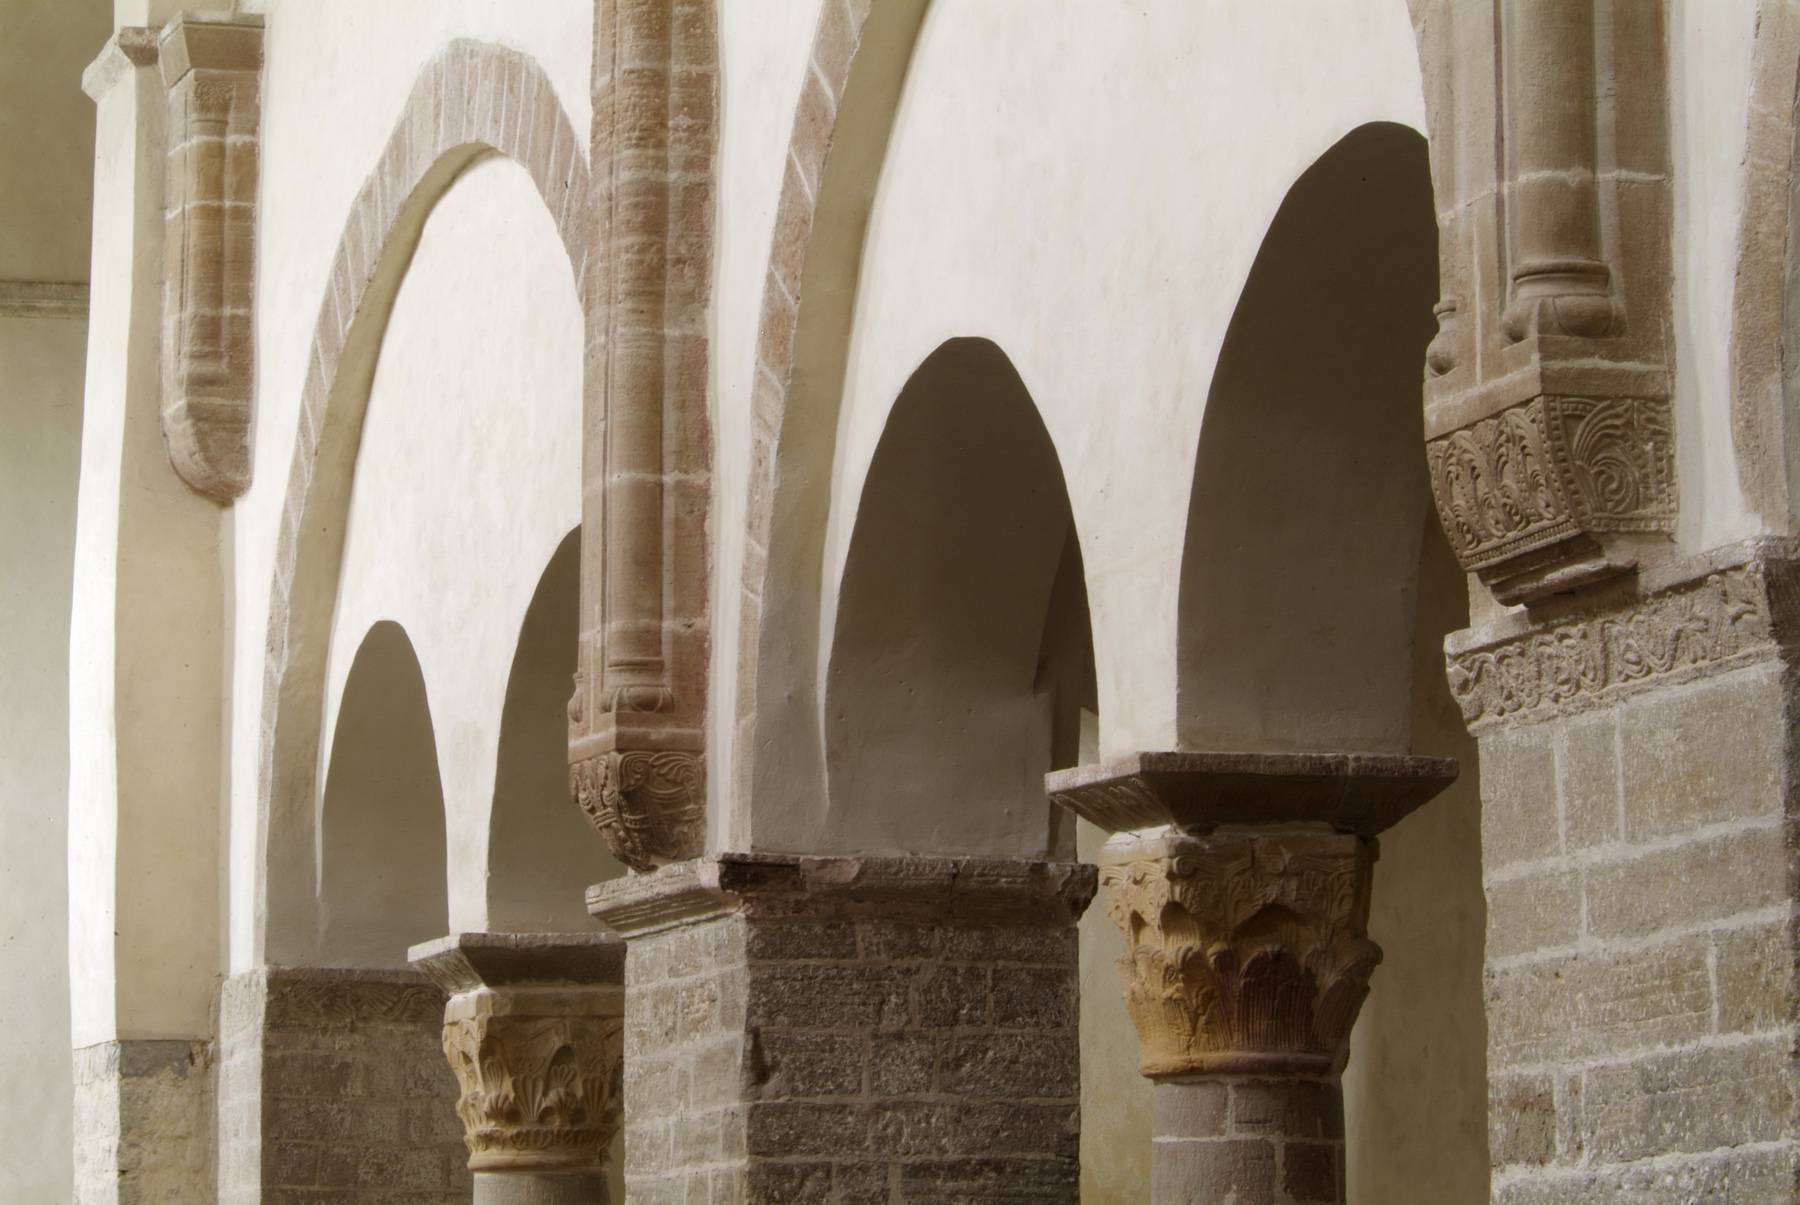 Evangelisches Zentrum Kloster Drübeck - Kirche St. Vitus